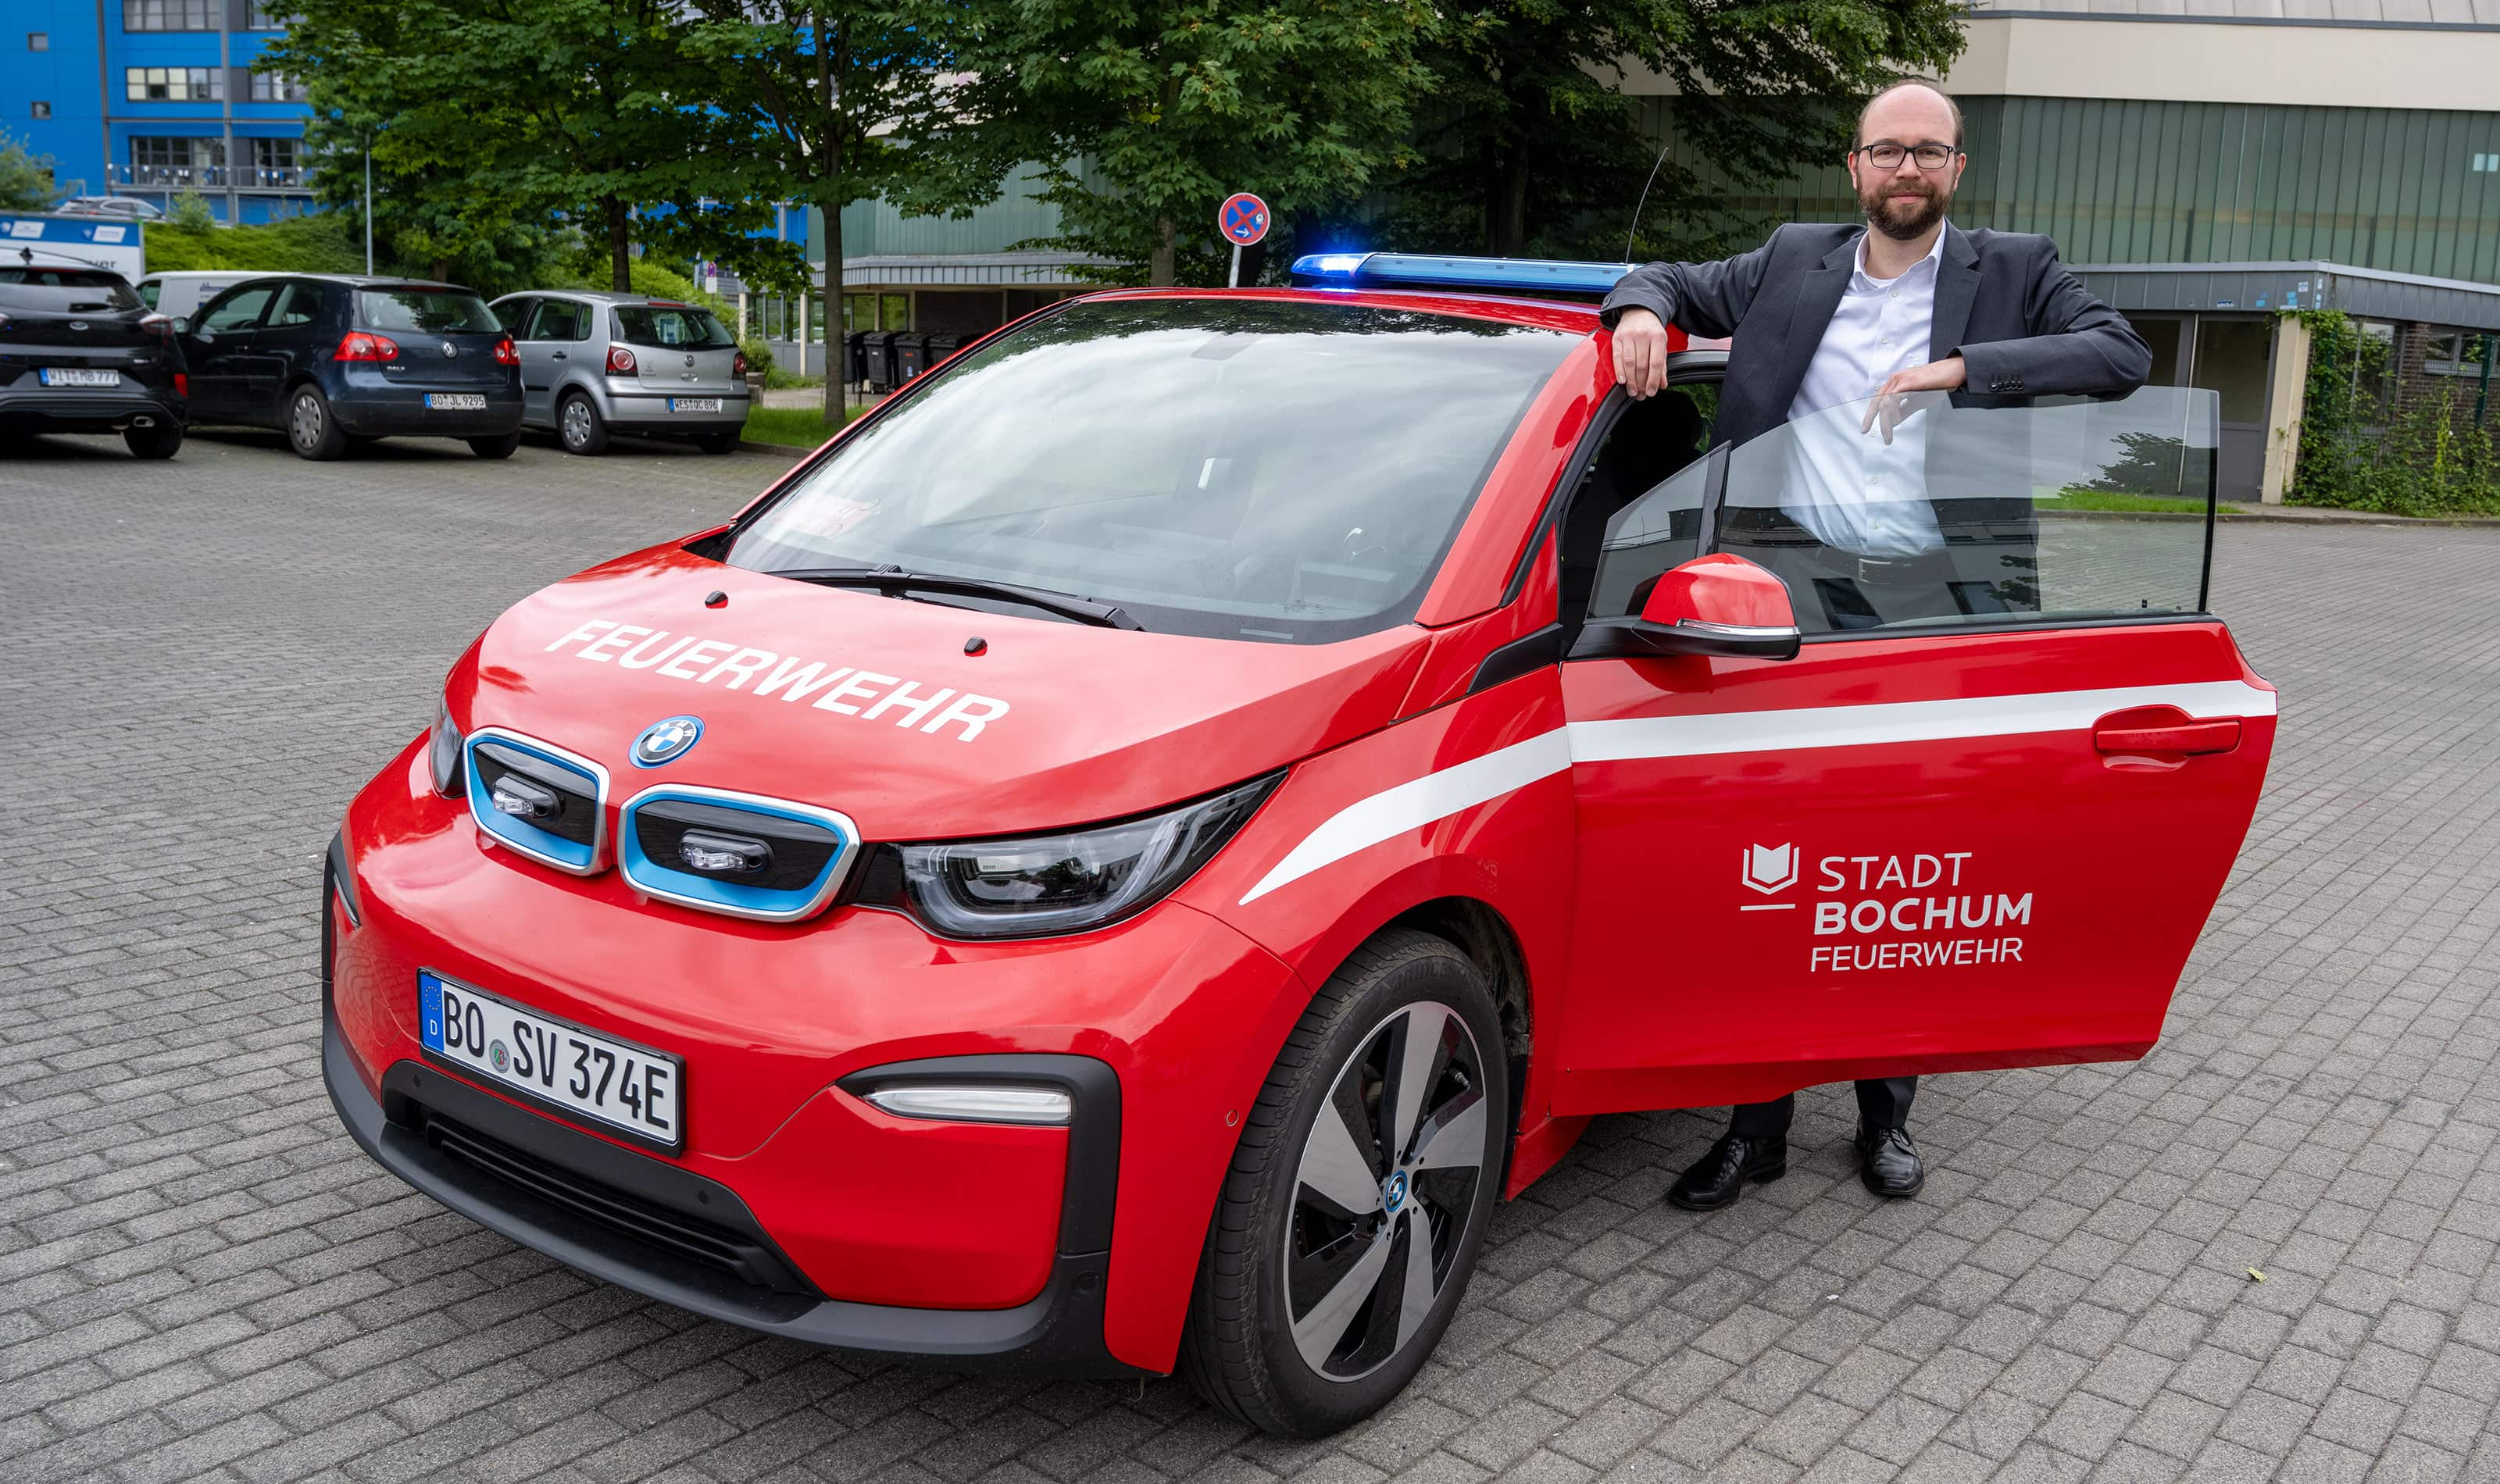 Sommergespräch 2021 mit Stadtdirektor Sebastian Kopietz und einem neuen E-Feuerwehrwagen